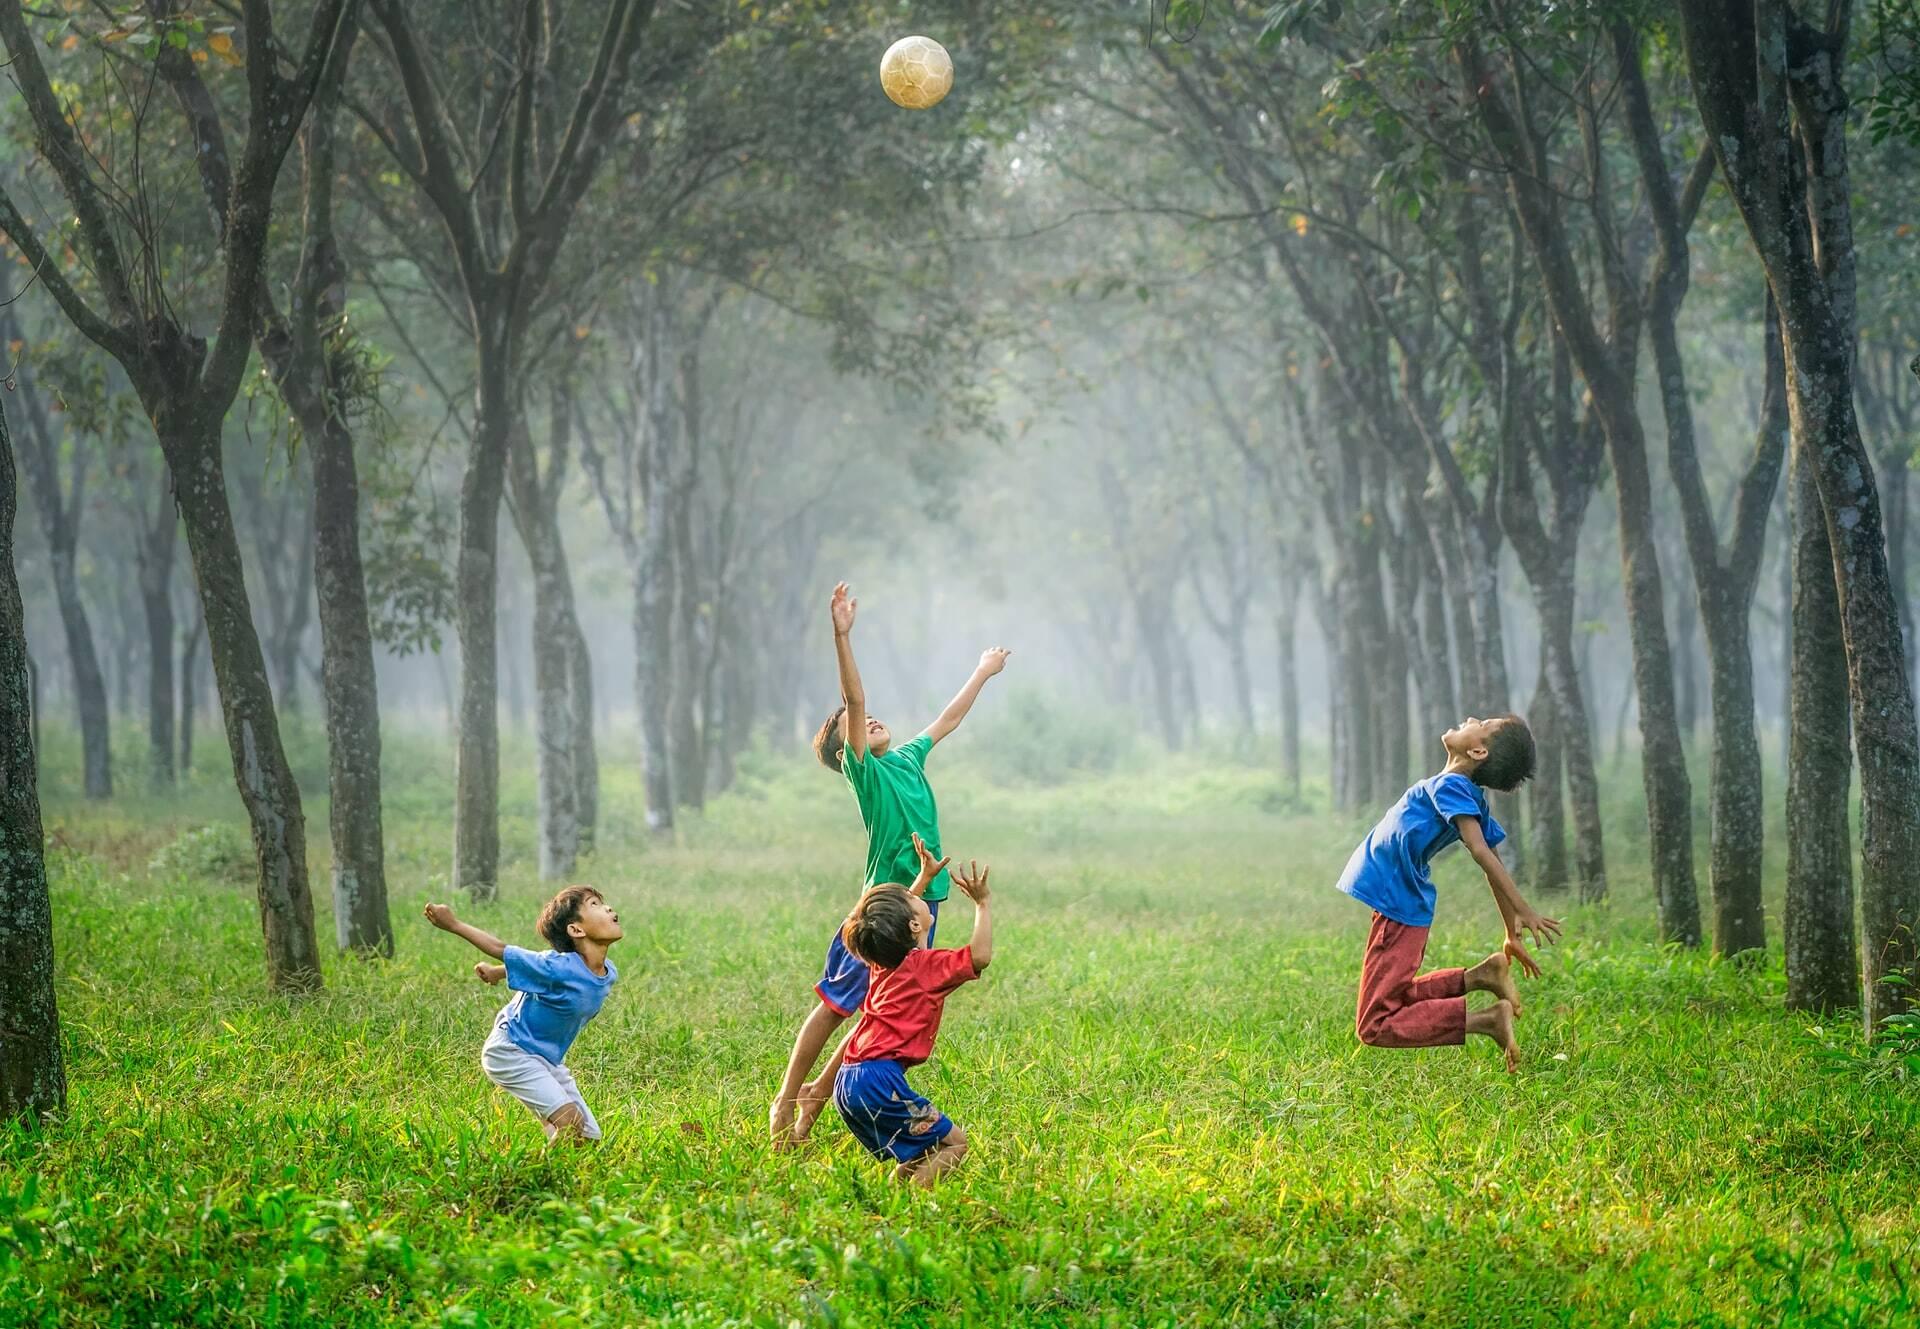 Brincar na natureza melhora imunidade das crianças em curto prazo